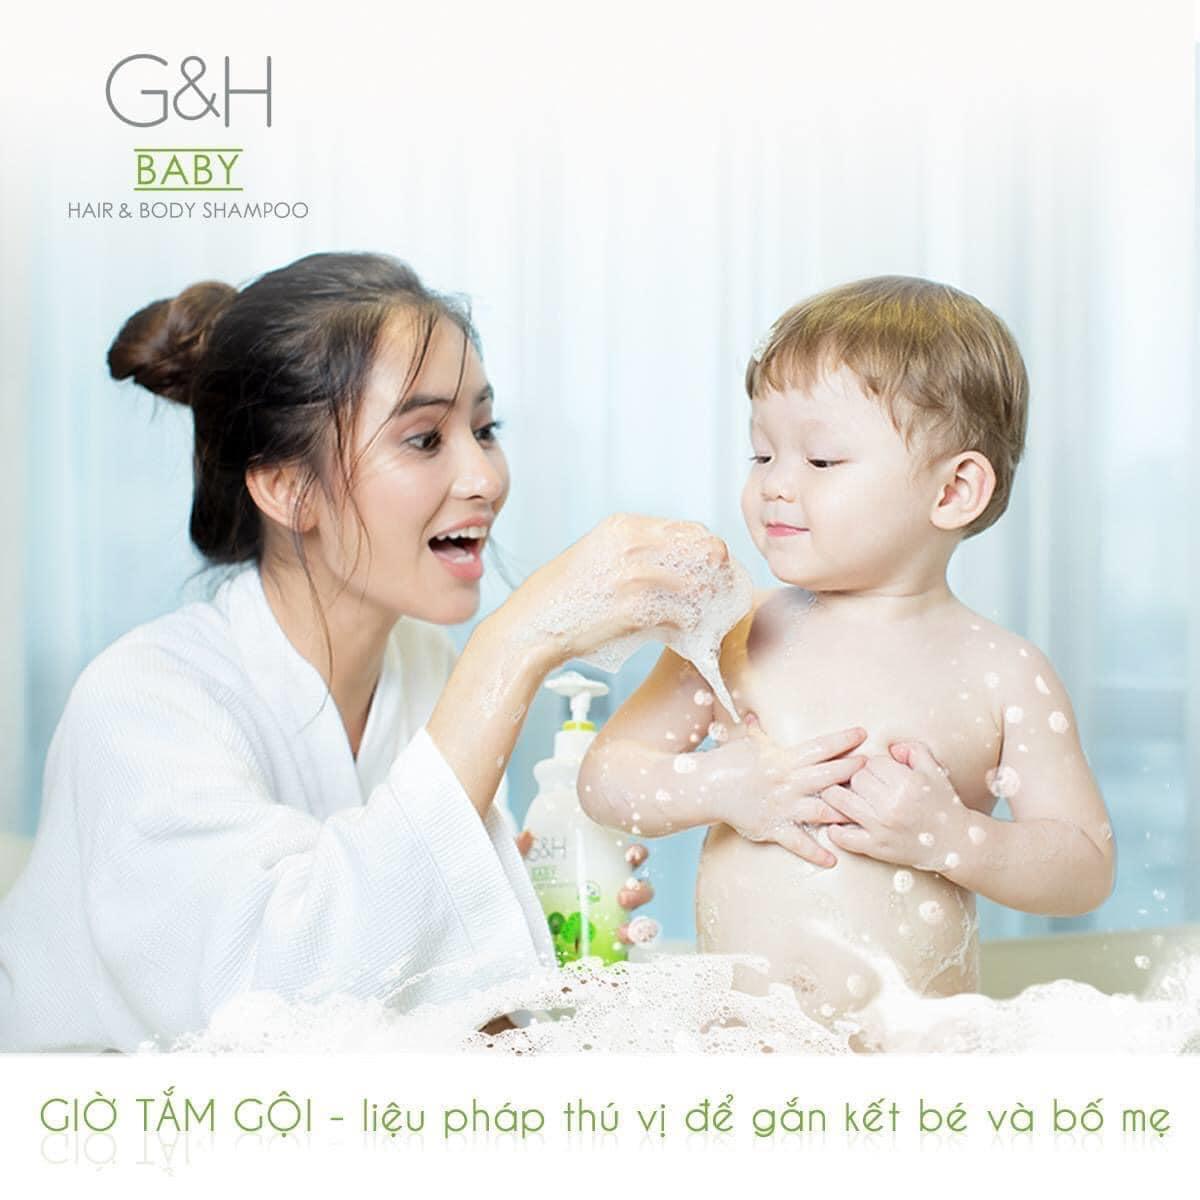 Sữa tắm gội em bé G&H Baby giúp bé tránh được các tình trạng khô da.